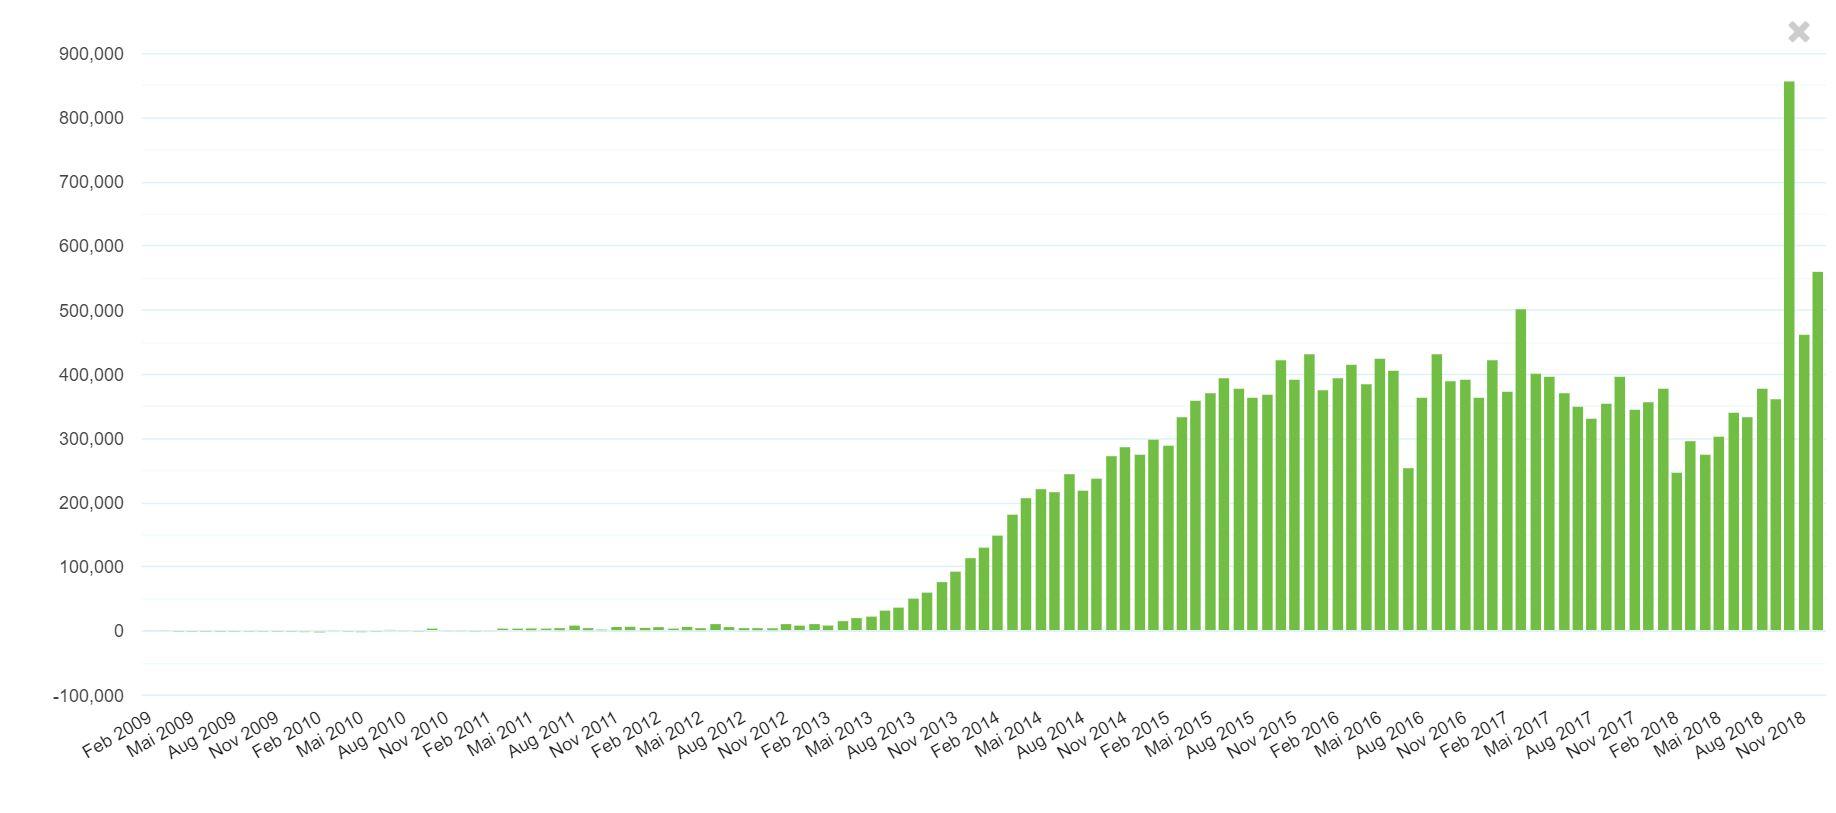 Zinseinnahmen bei Bondora bis 2018 insgesamt